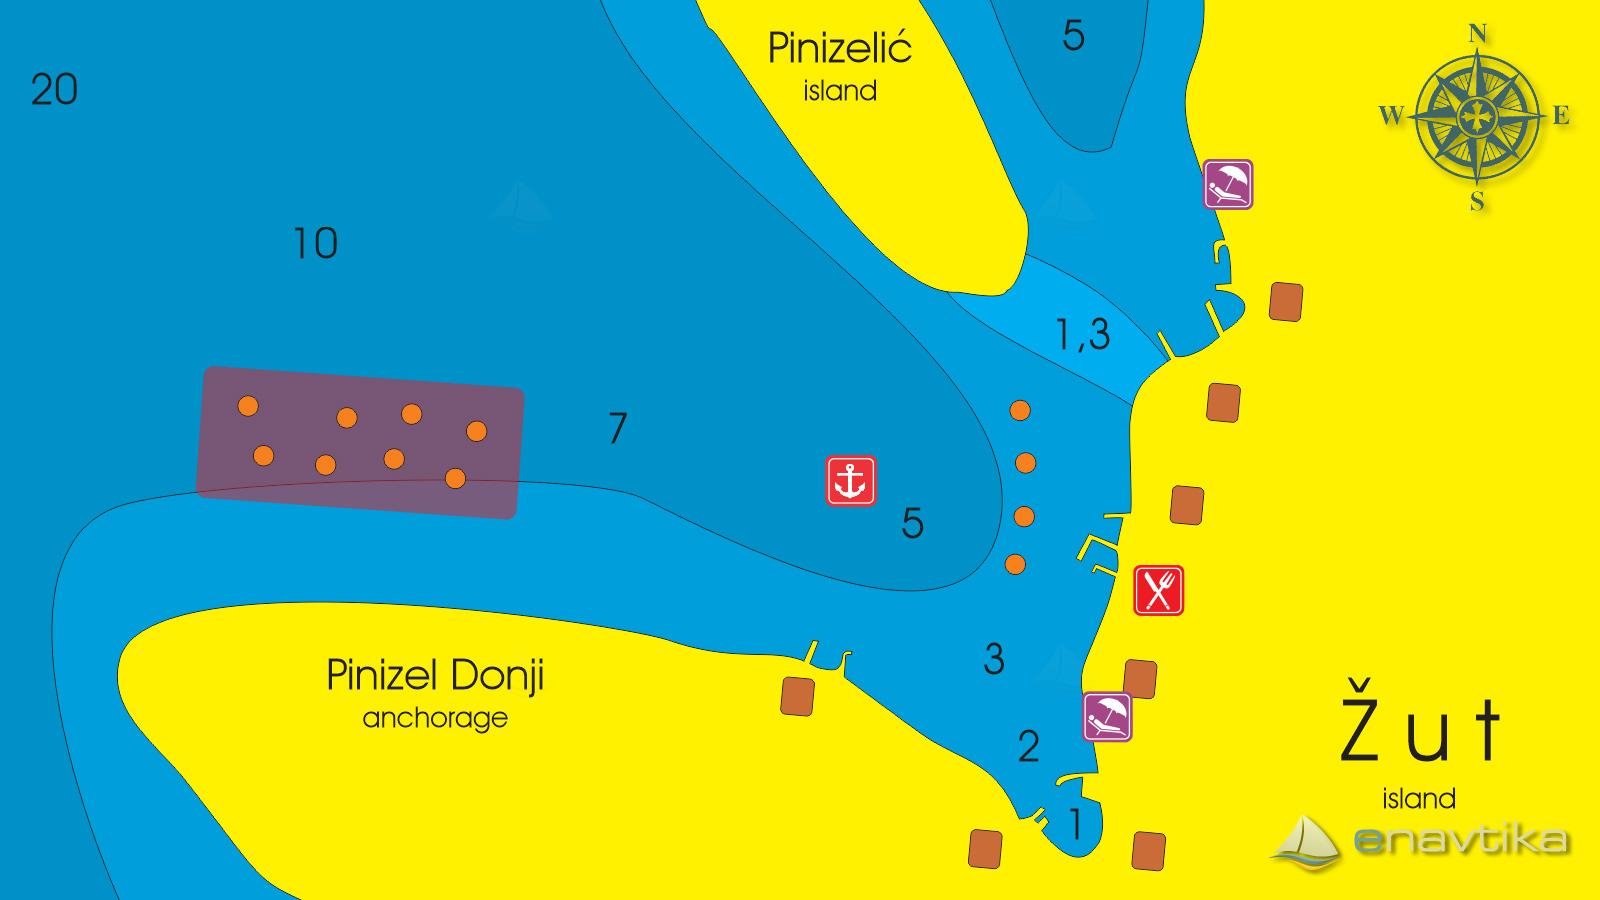 Slika Pinizel donji 2